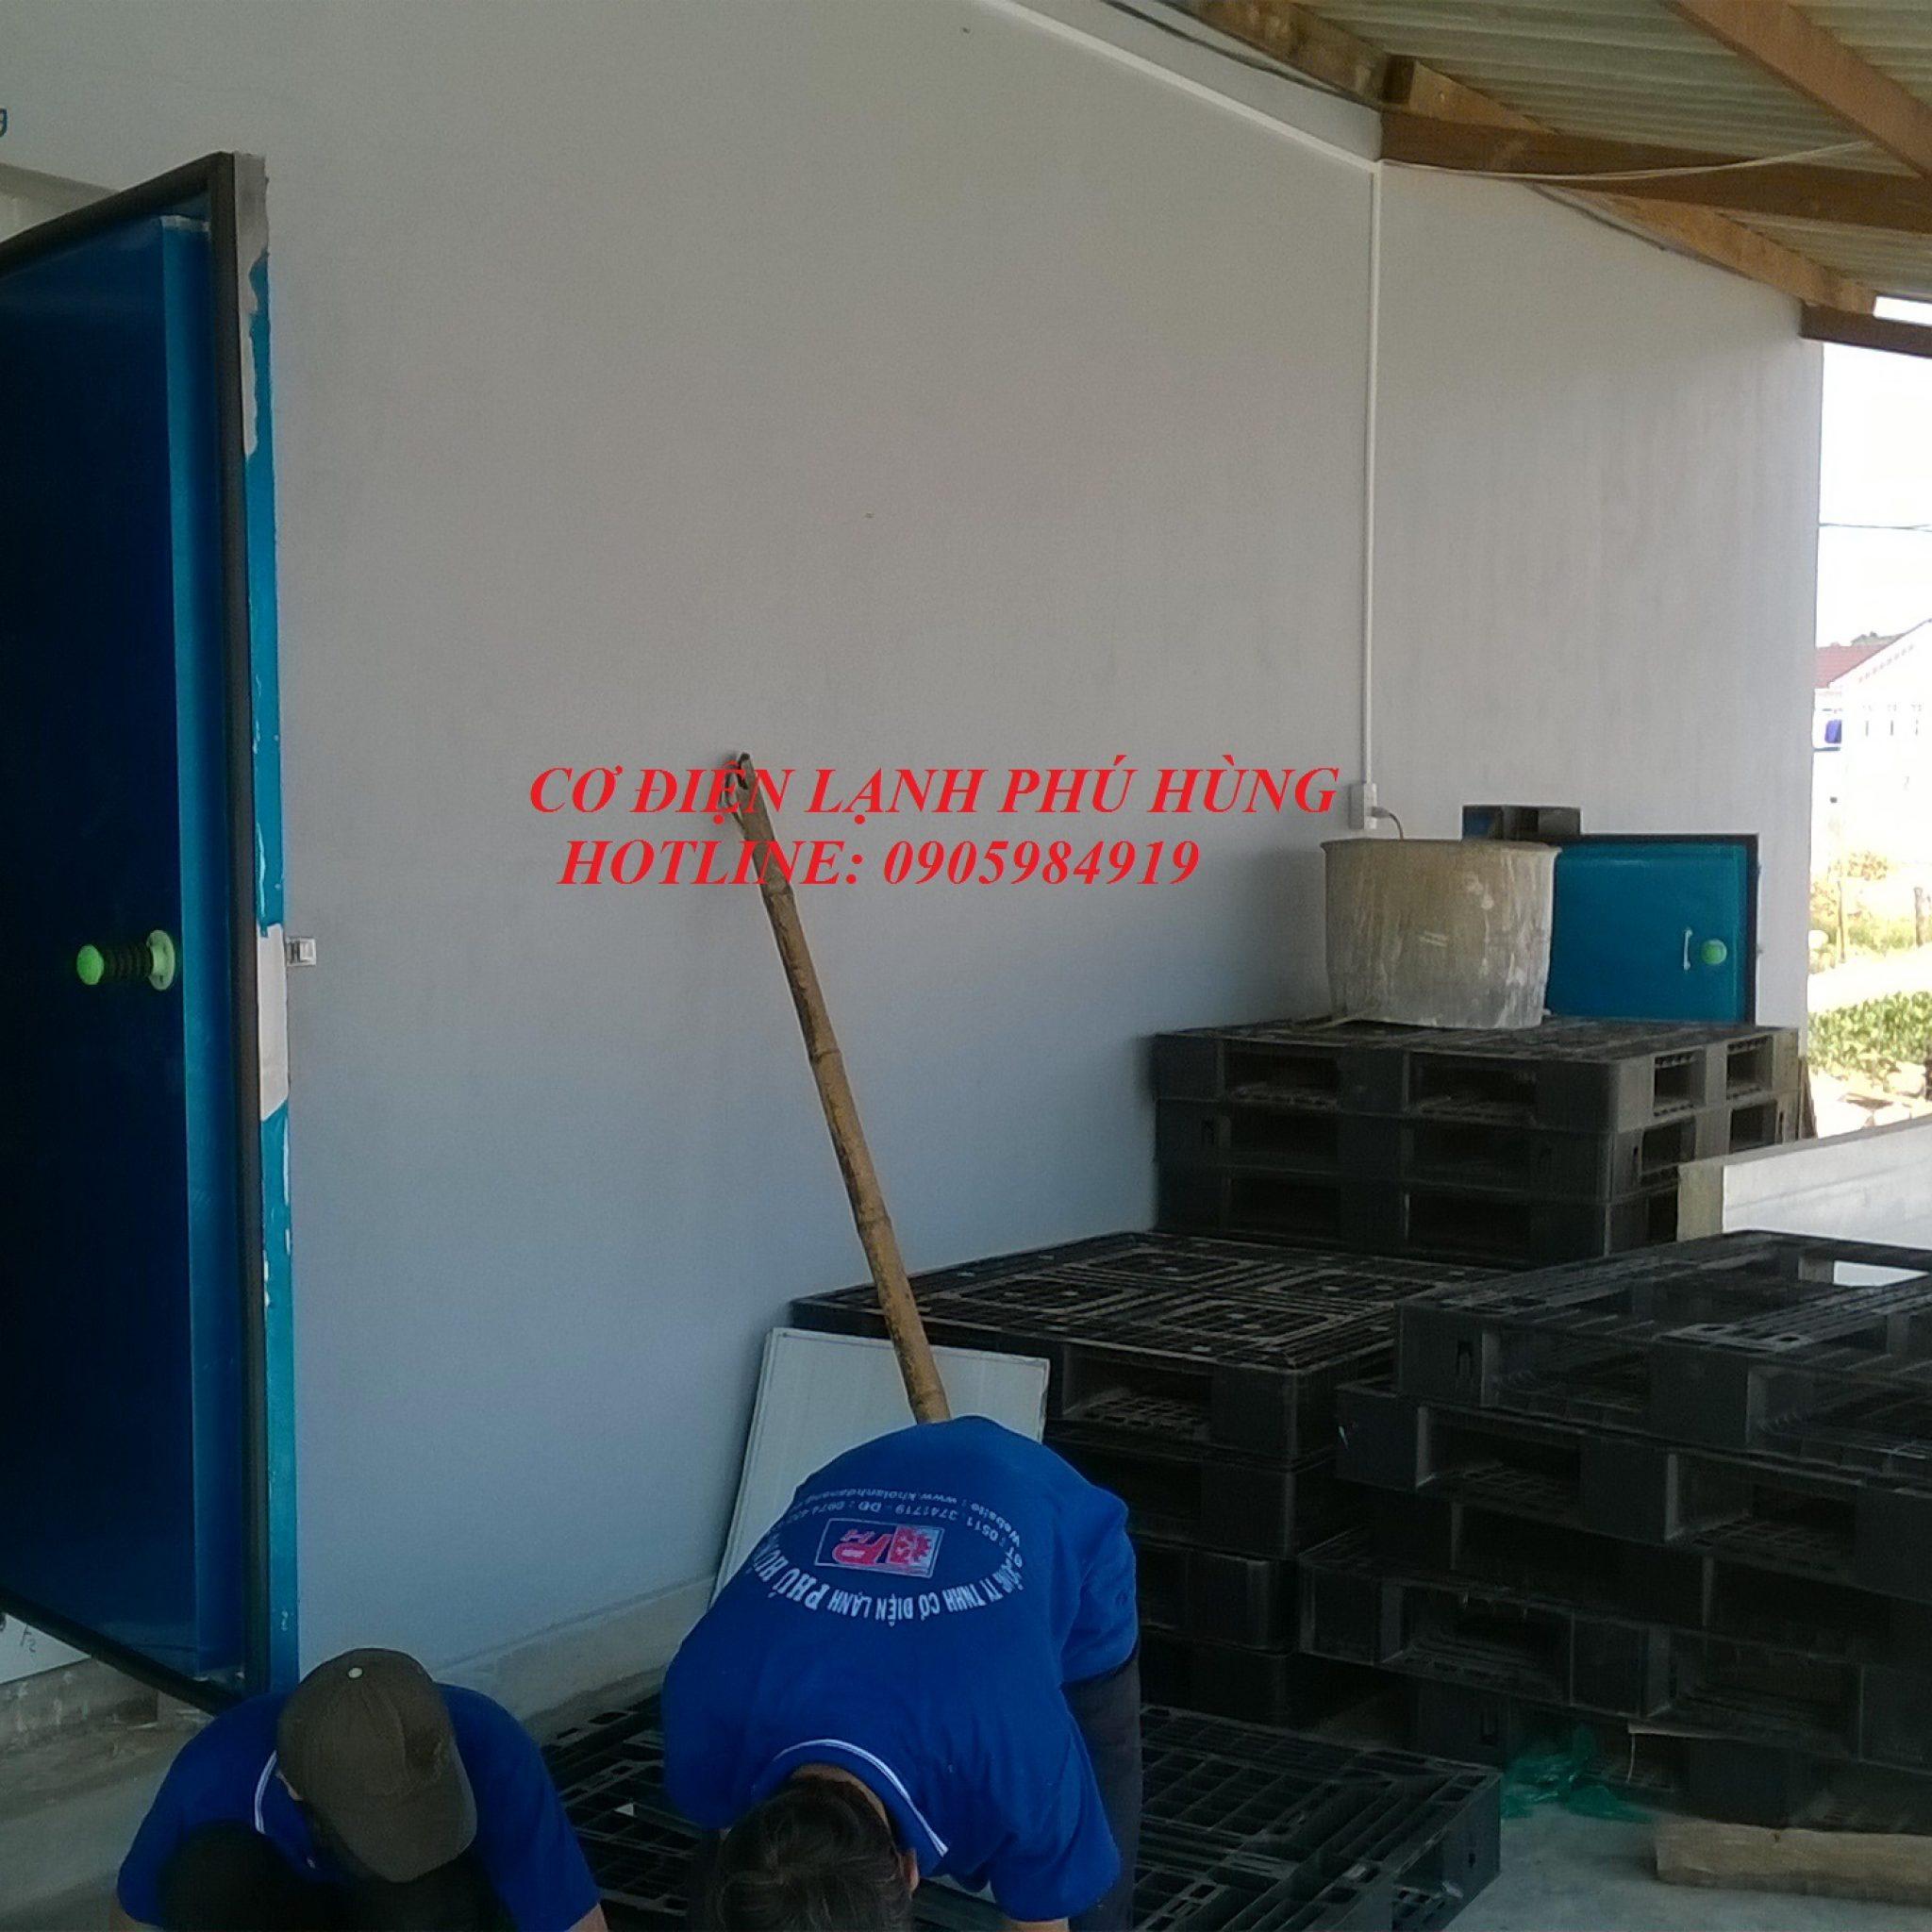 5 - Lắp đặt kho lạnh tại cảng cá Sa Huỳnh Quảng Ngãi